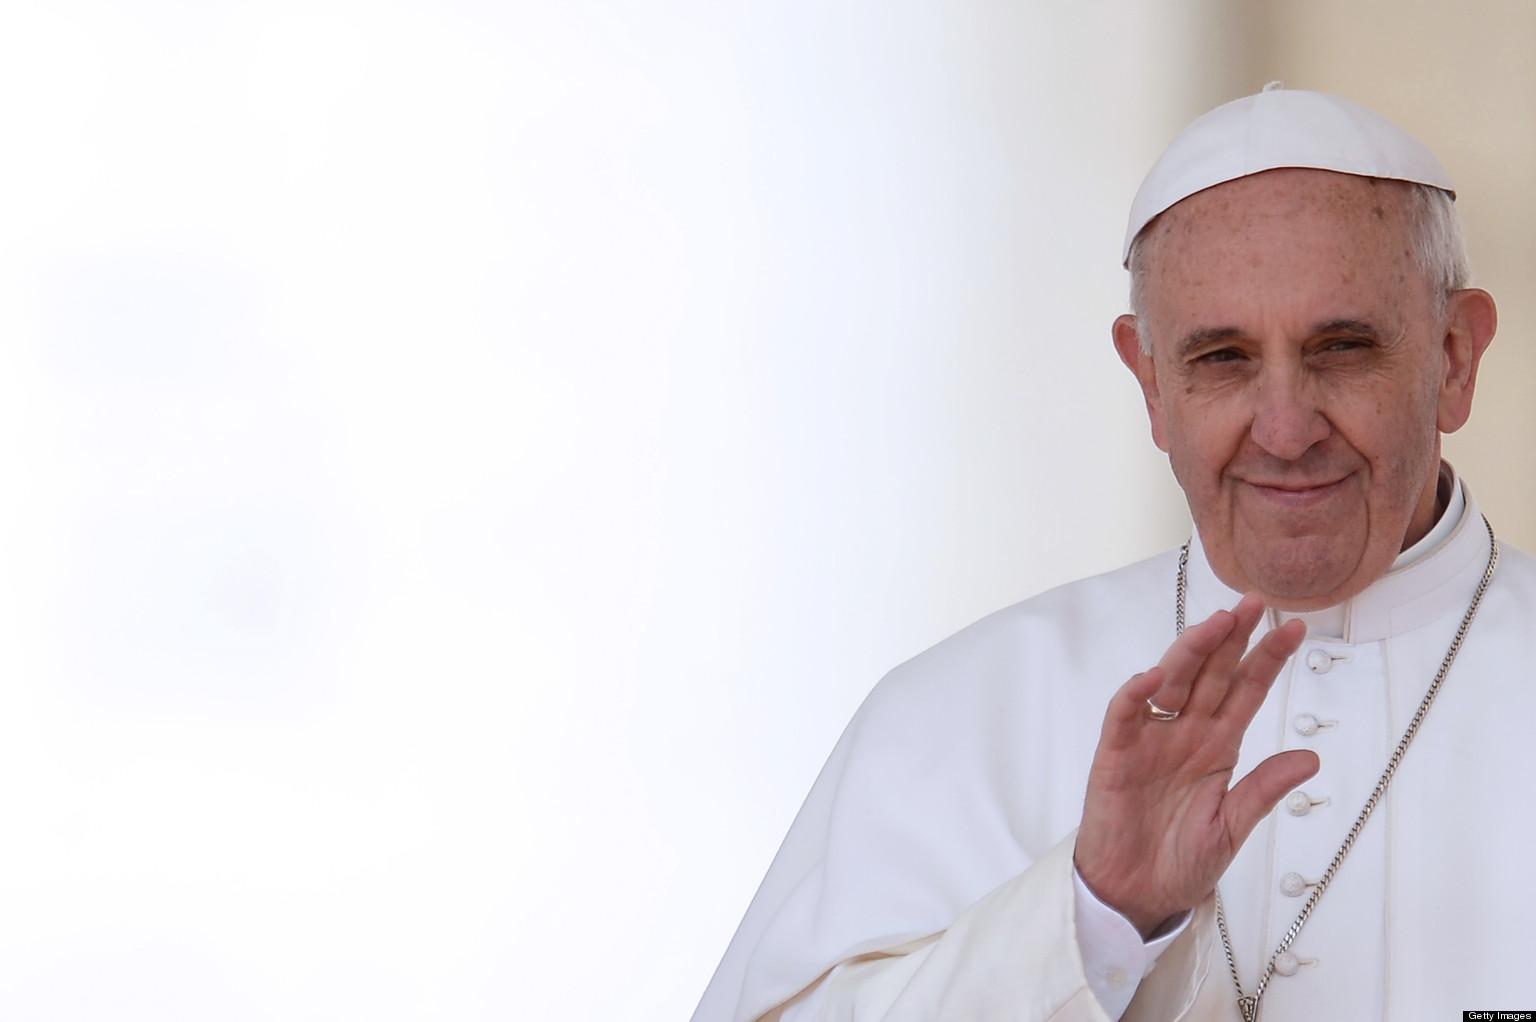 49] Papal Wallpaper on WallpaperSafari 1536x1022